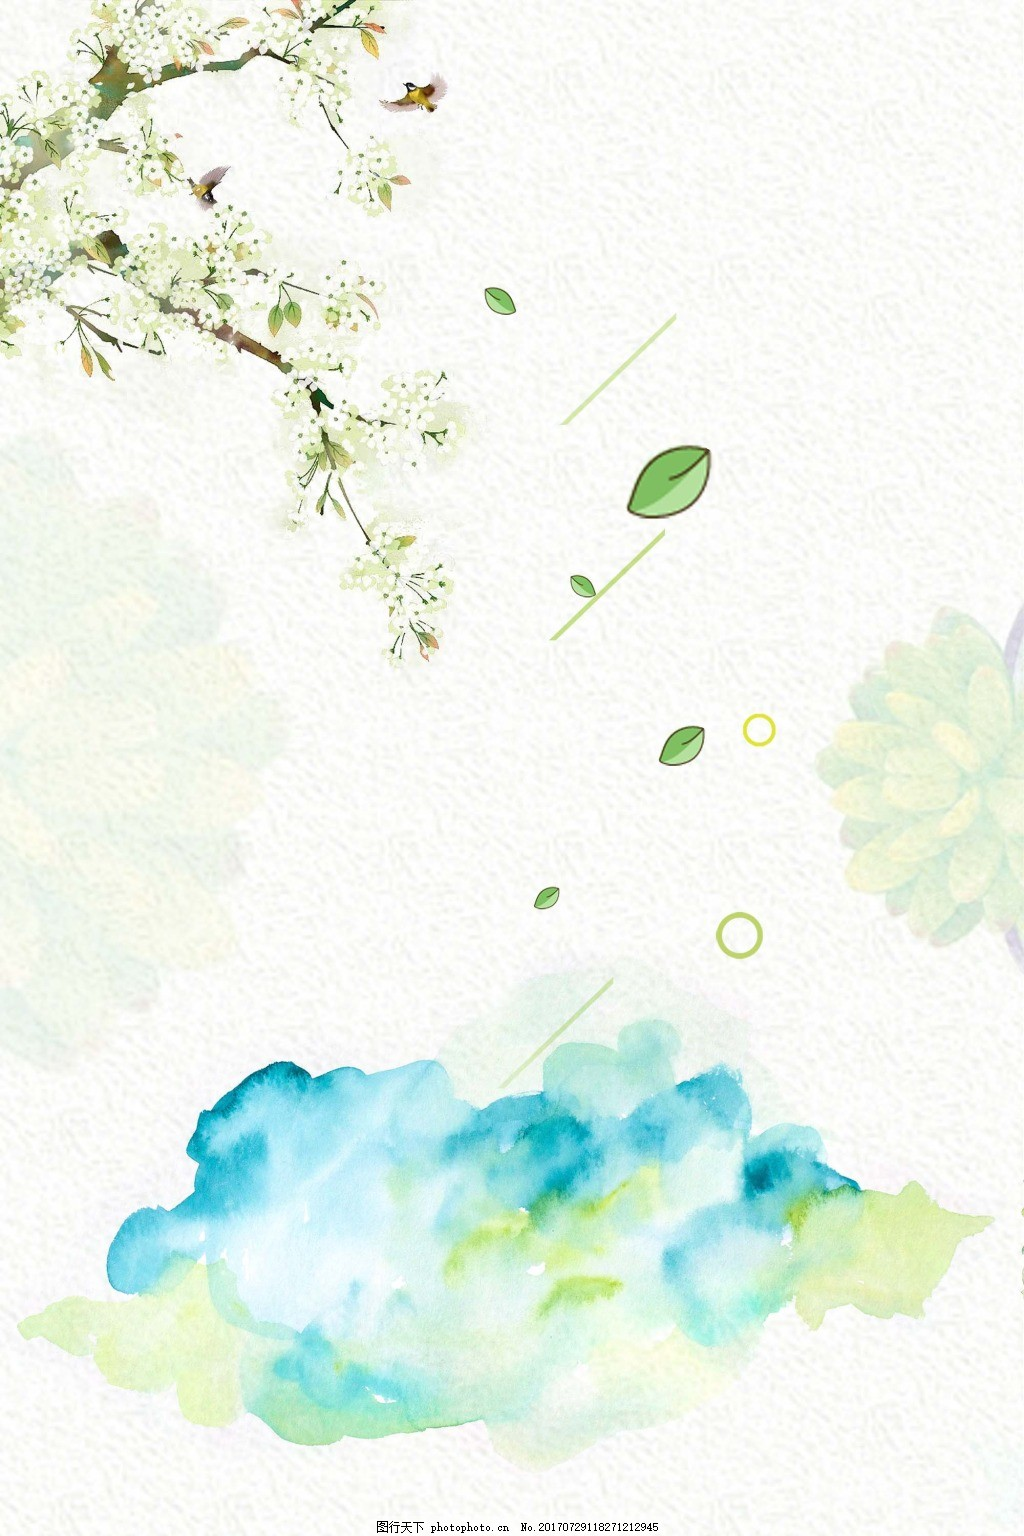 中国风水墨花鸟图背景 水墨画 蓝色晕染 渐变 绿叶